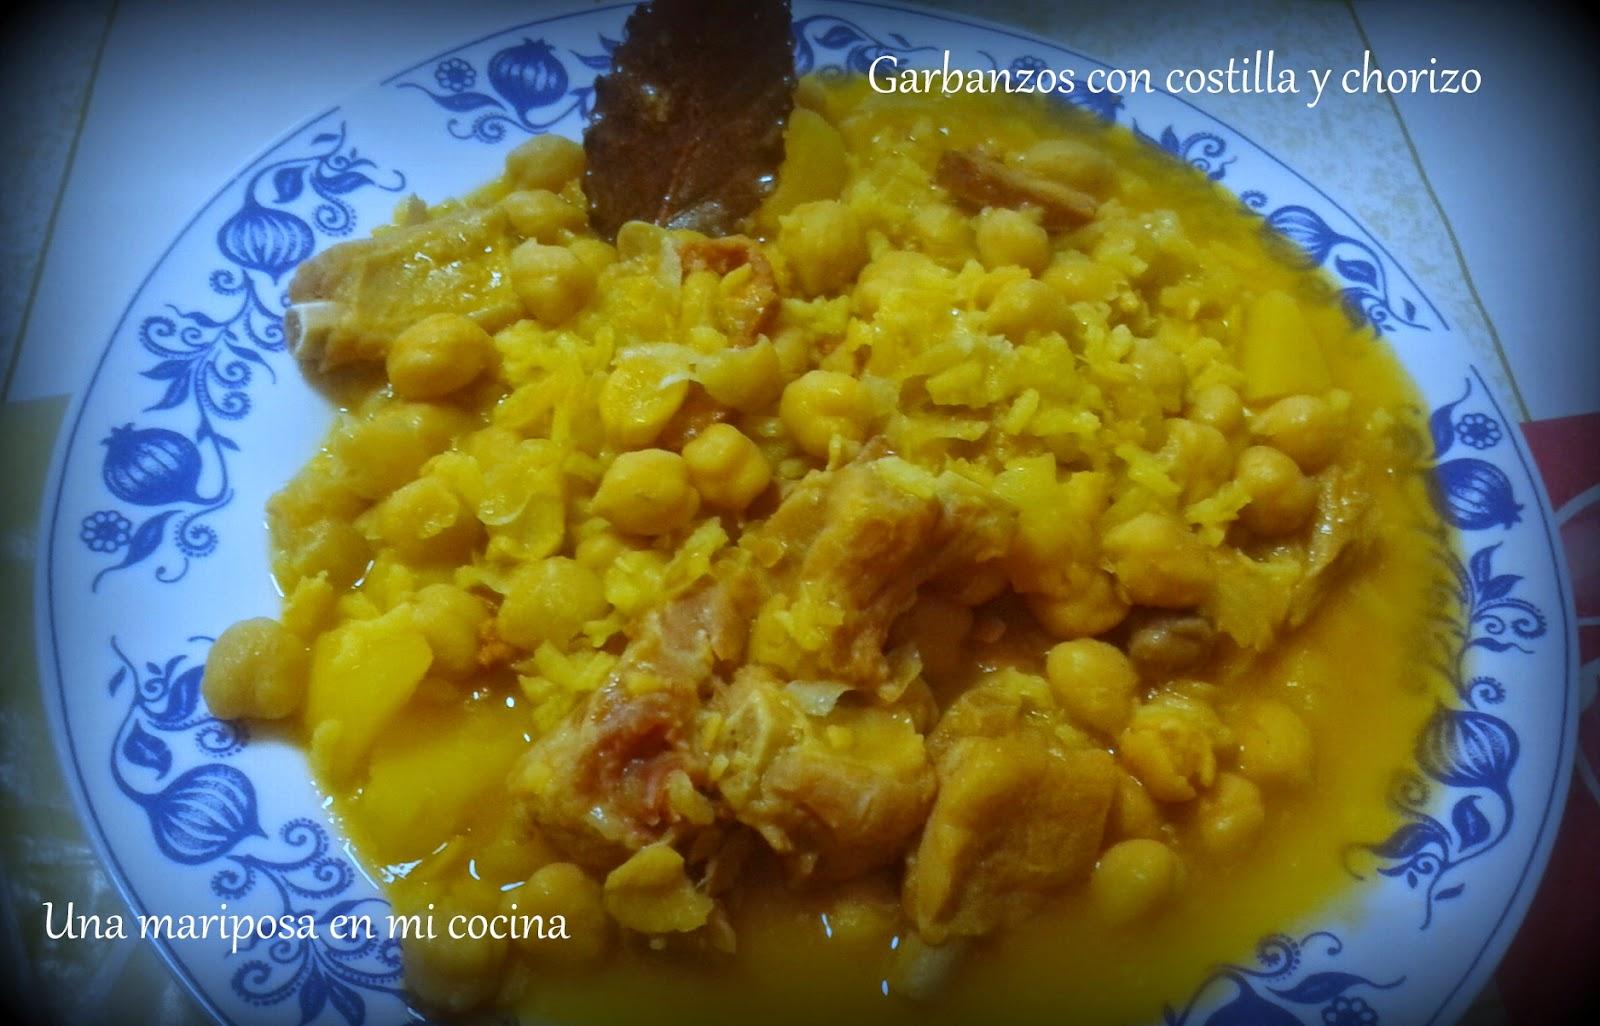 Garbanzos con costilla y chorizo recetas de cocina - Garbanzos con costillas ...